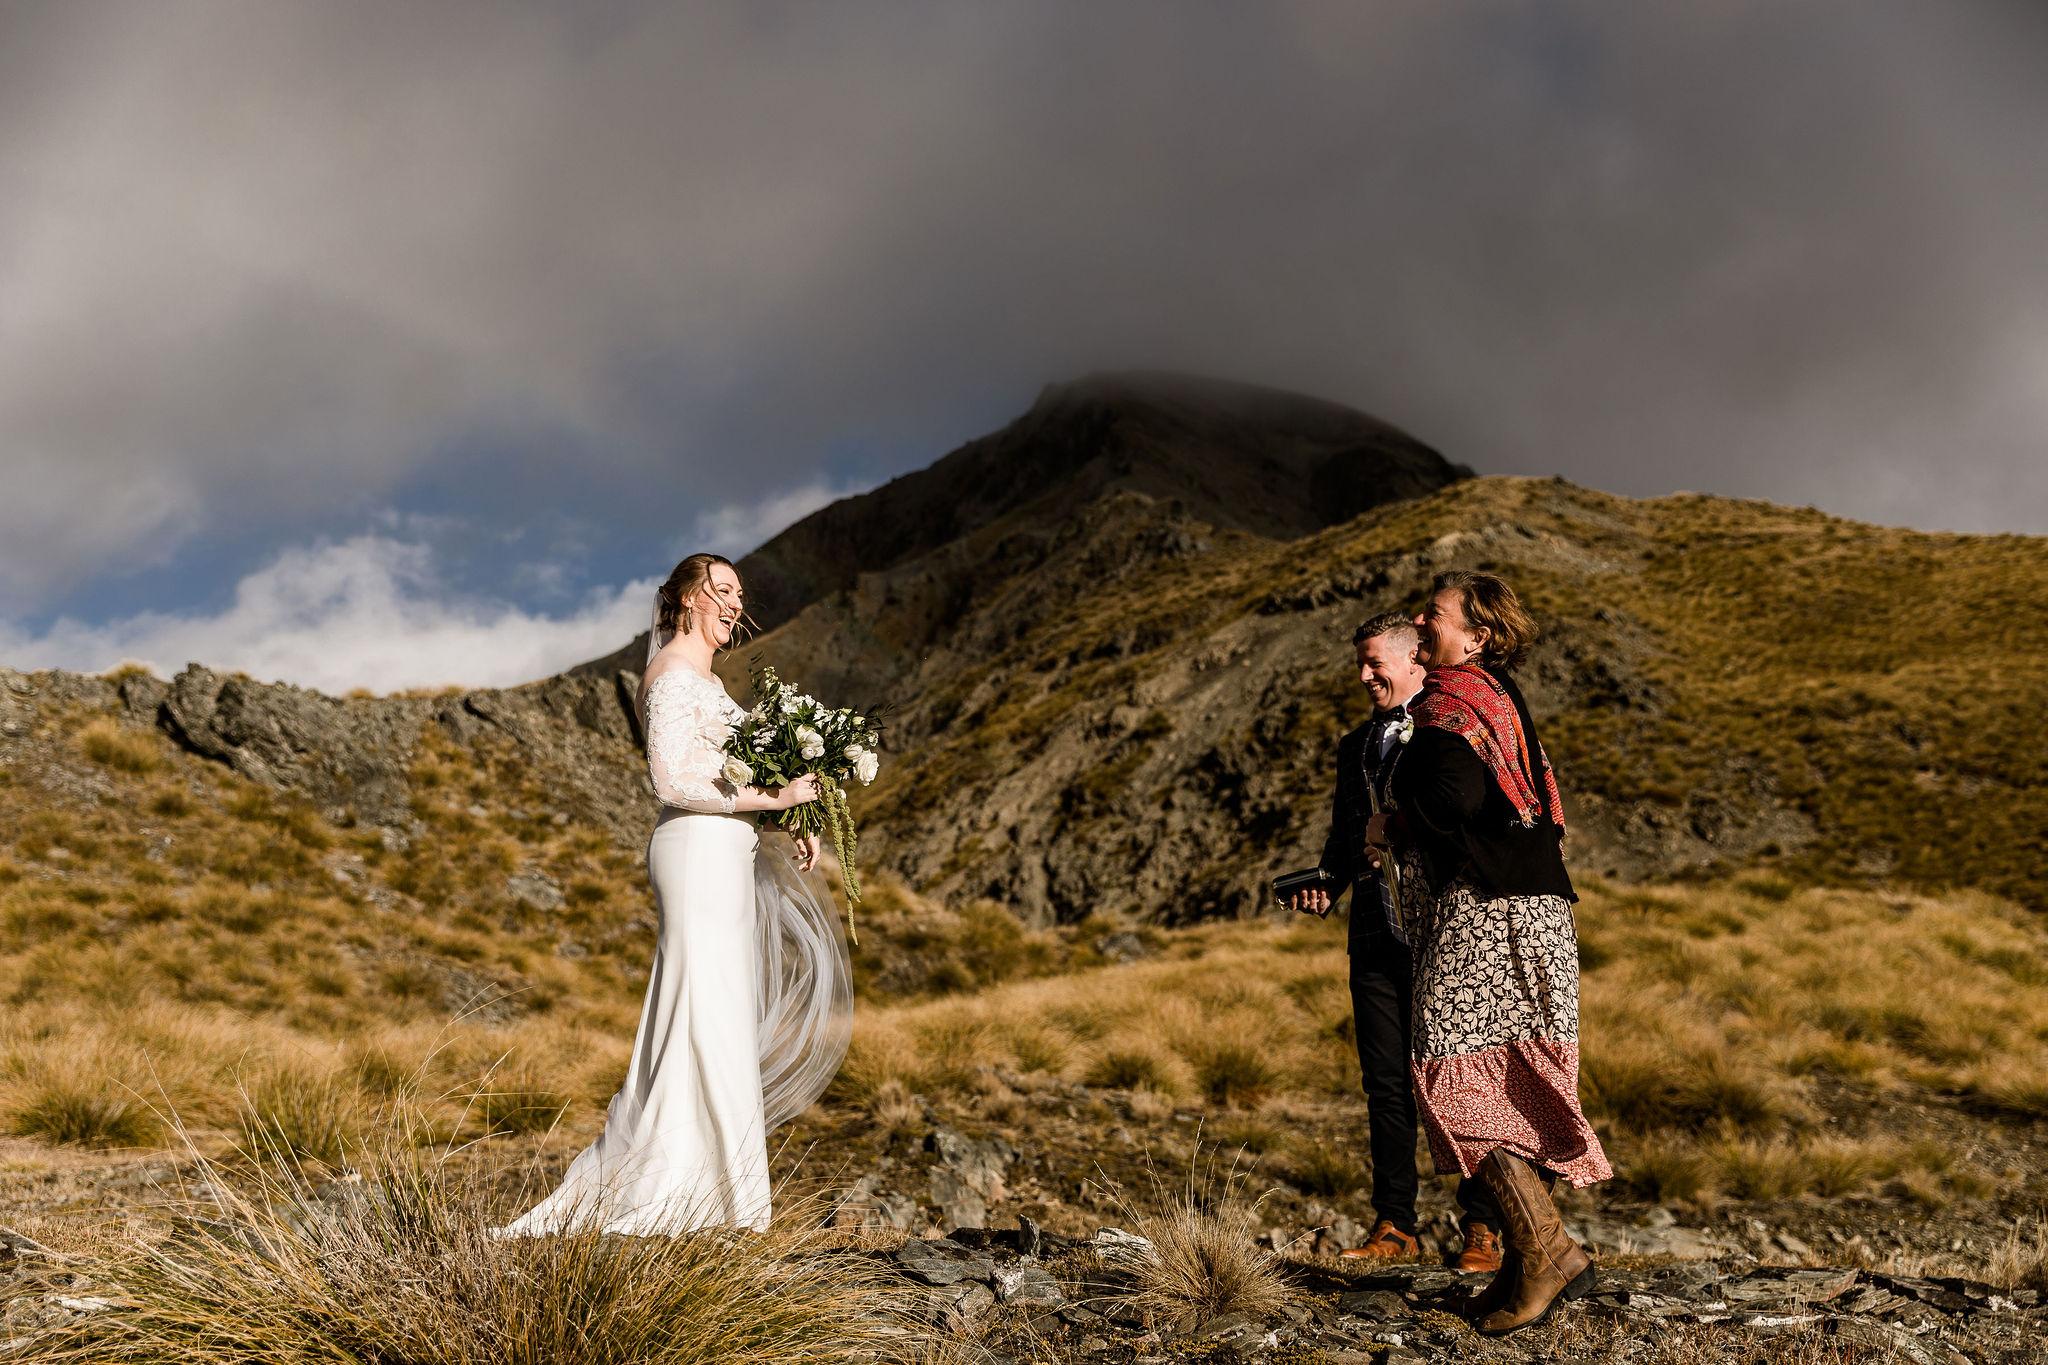 Heli Elopement Queenstown - Susan Miller Photography